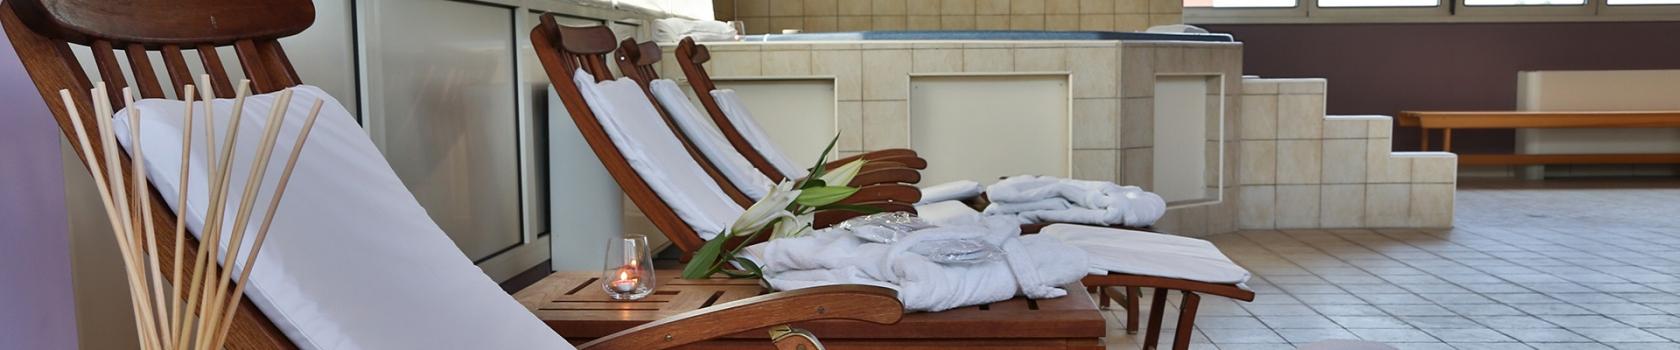 Rilassati nella wellness area del BW Classic Hotel